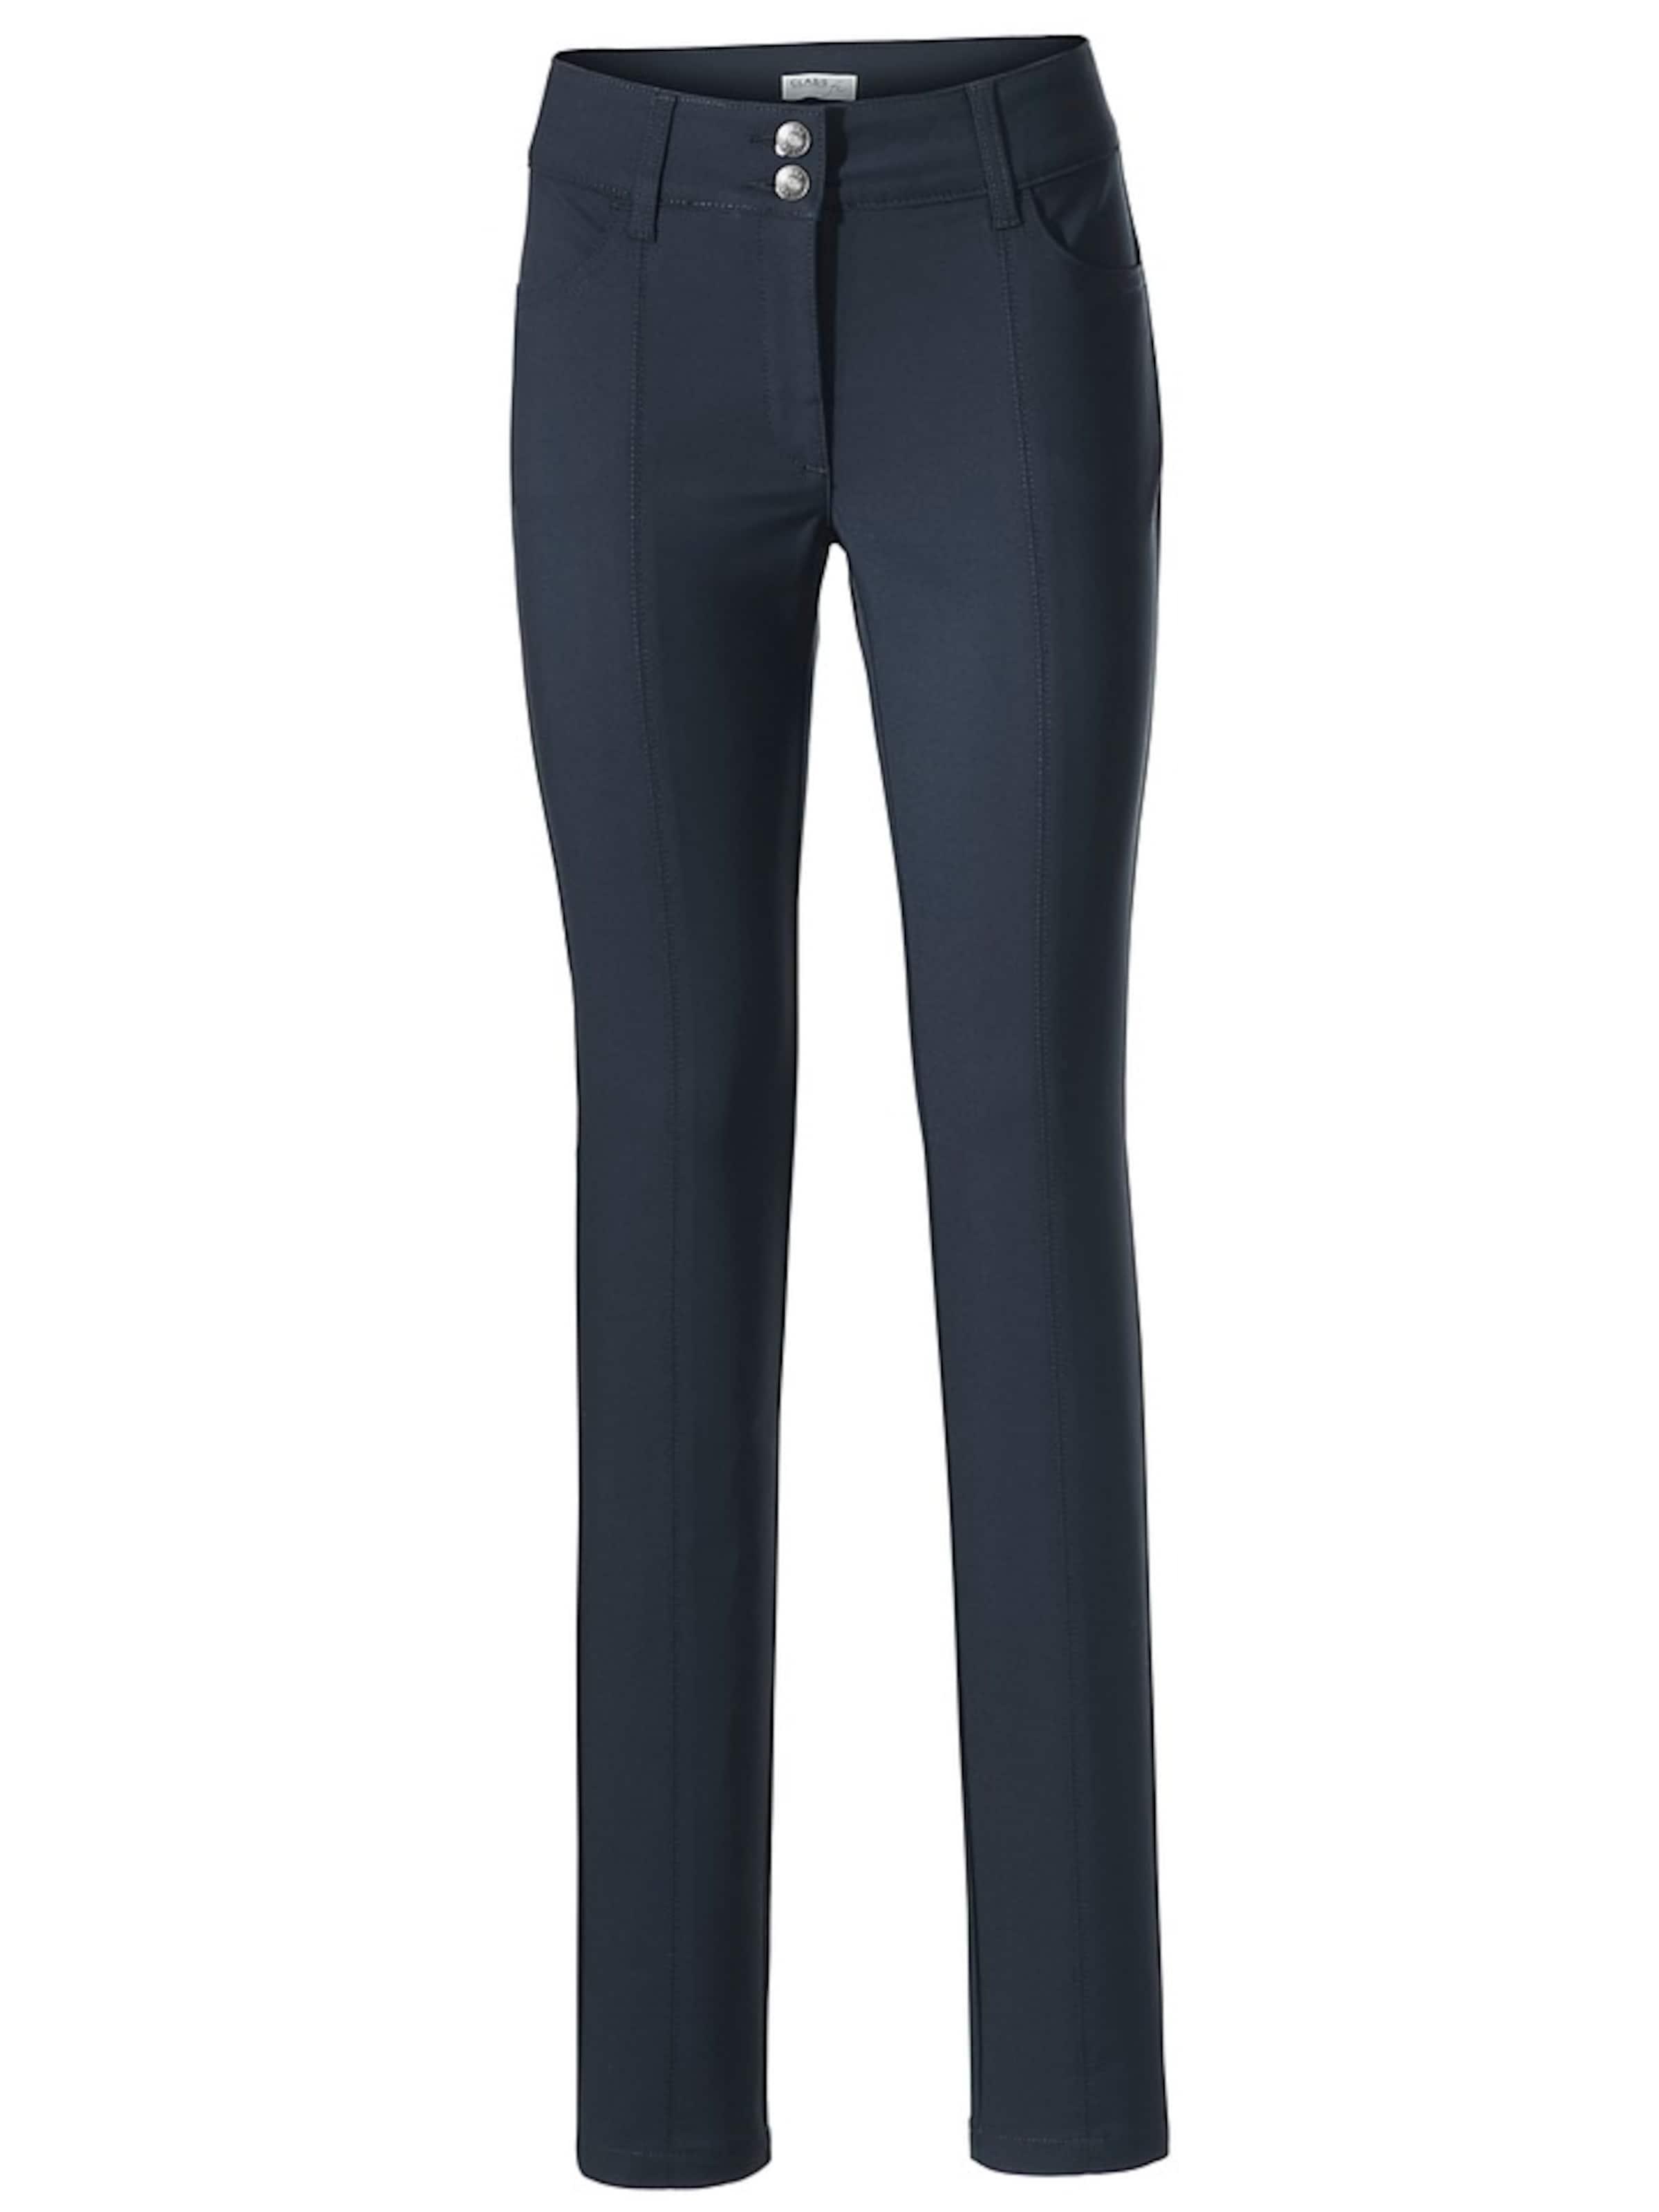 Heine Pantalon Pantalon En Bleu Heine En YfvIb6y7gm